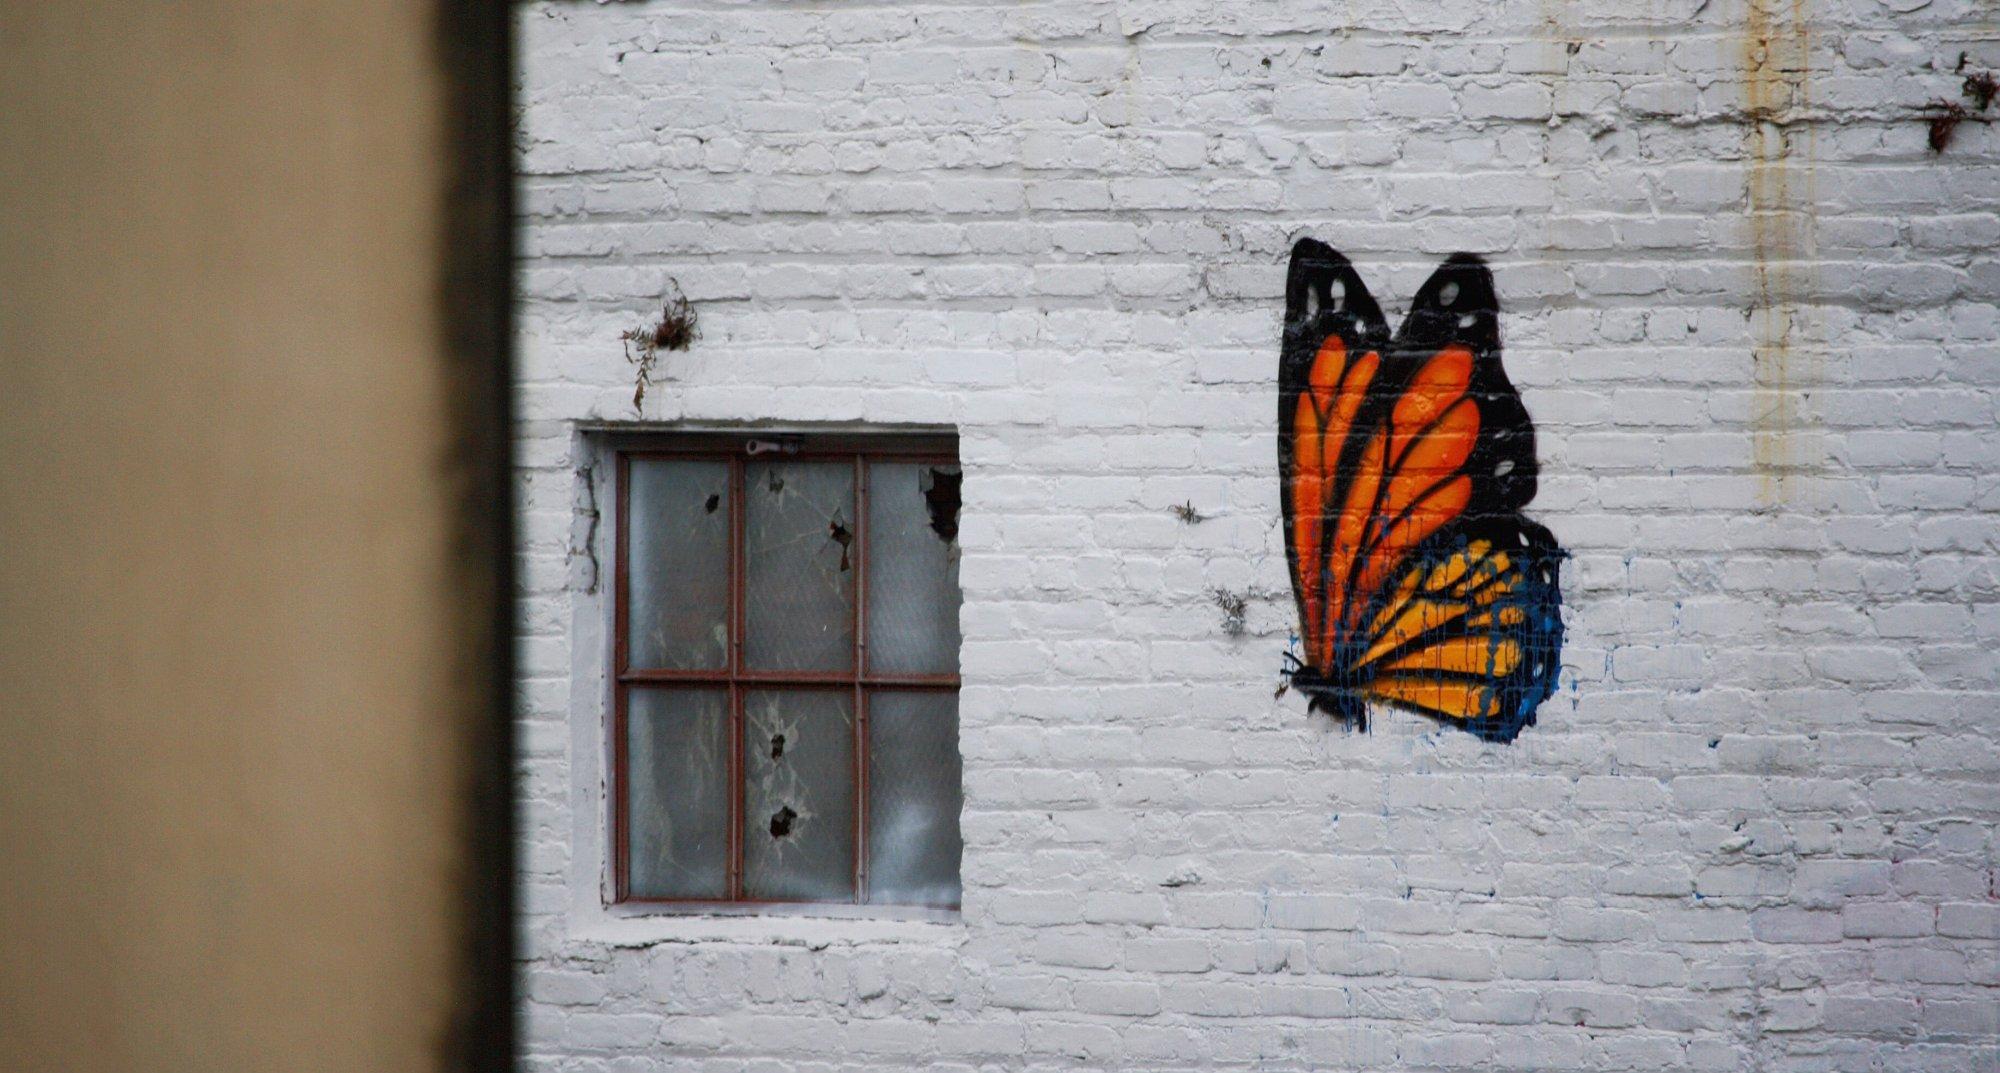 Streetart: Ein bunter großer Schmetterling auf einen schäbigen weißen Hauswand